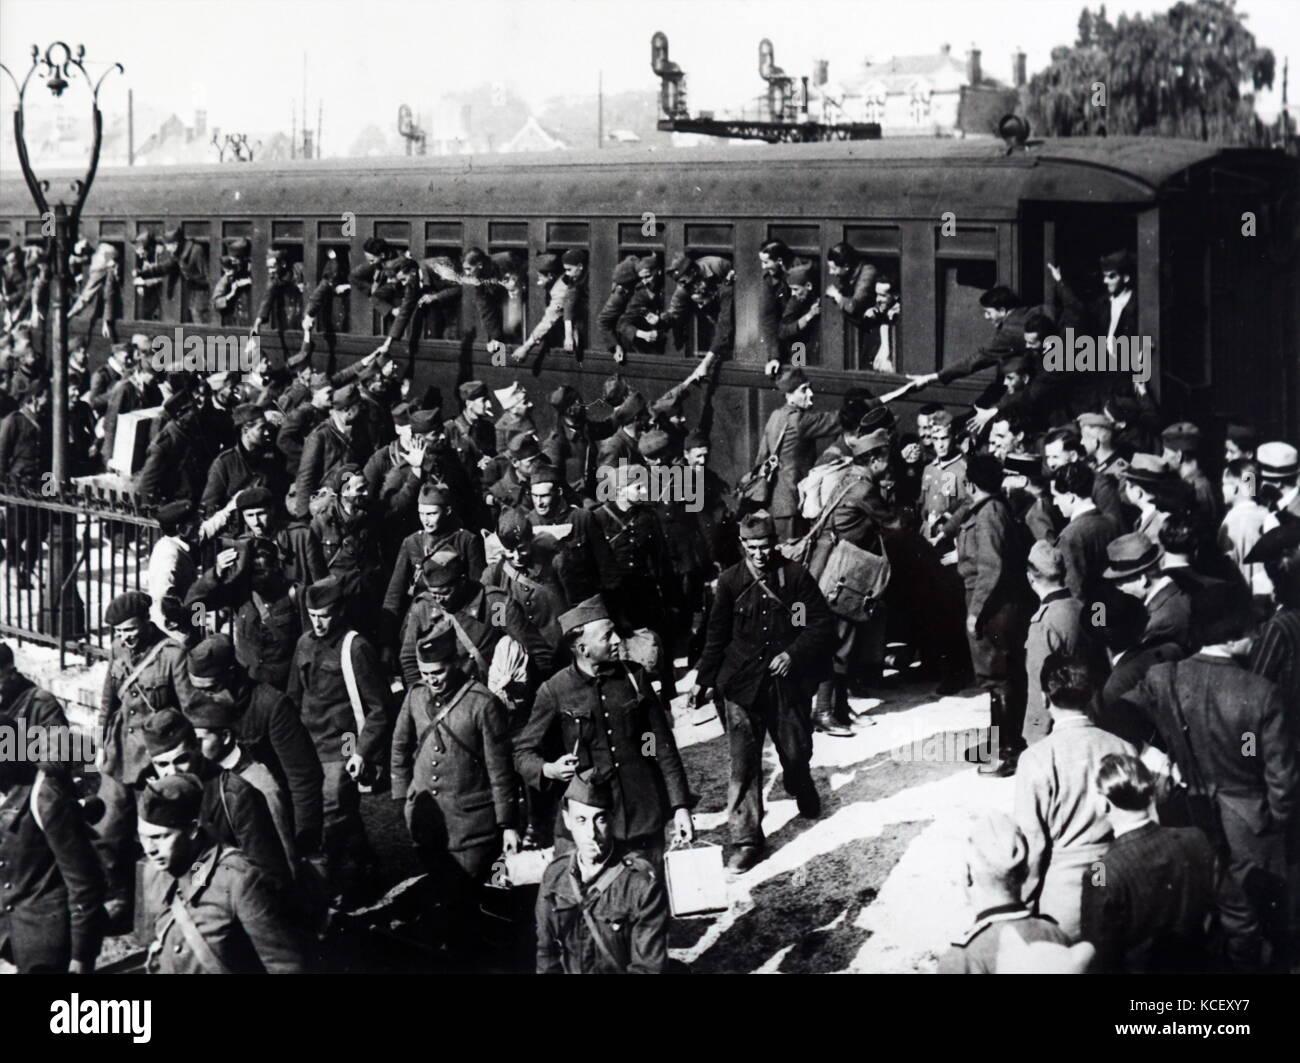 Foto des Zweiten Weltkriegs französische Kriegsgefangene unter deutscher Besatzung in Frankreich freigegeben Stockbild